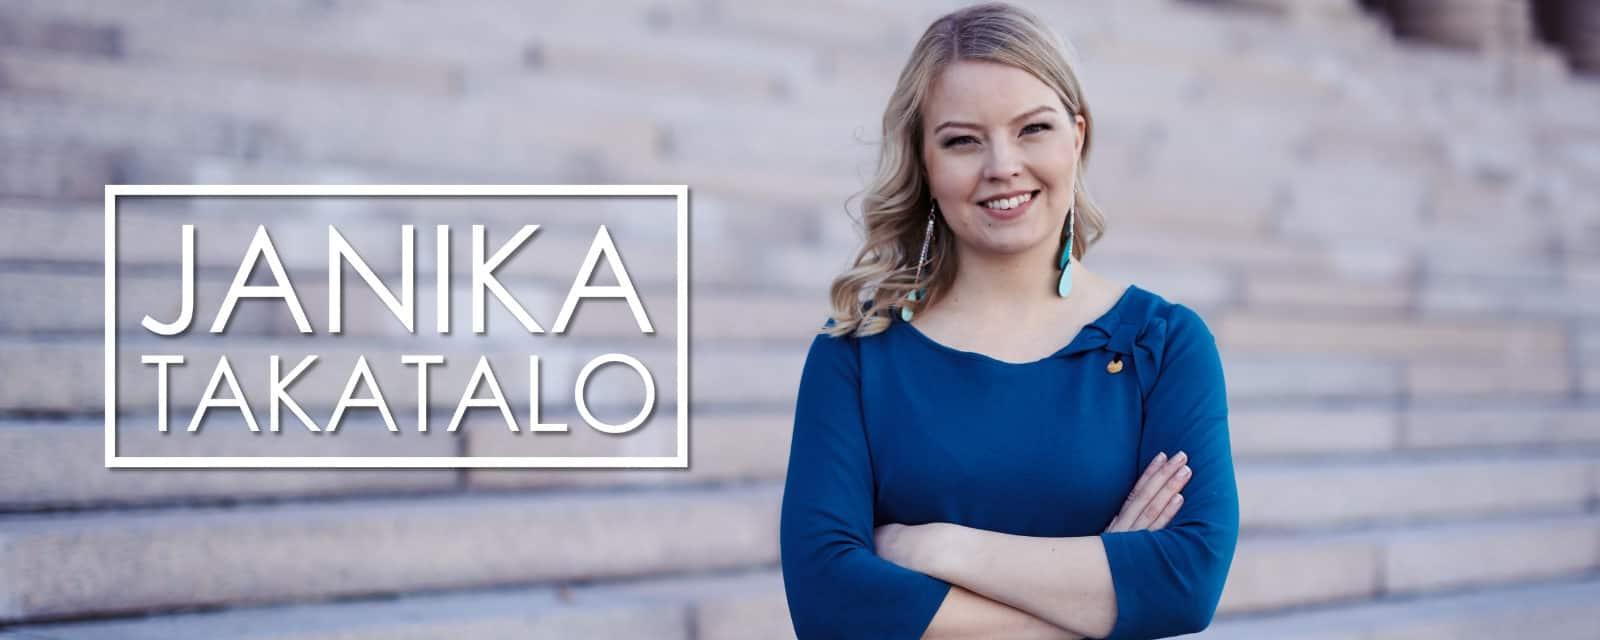 Salon Kokoomus, eduskuntavaaliehdokas Janika Takatalo, yrittäjä, sinivihreä, koulutus